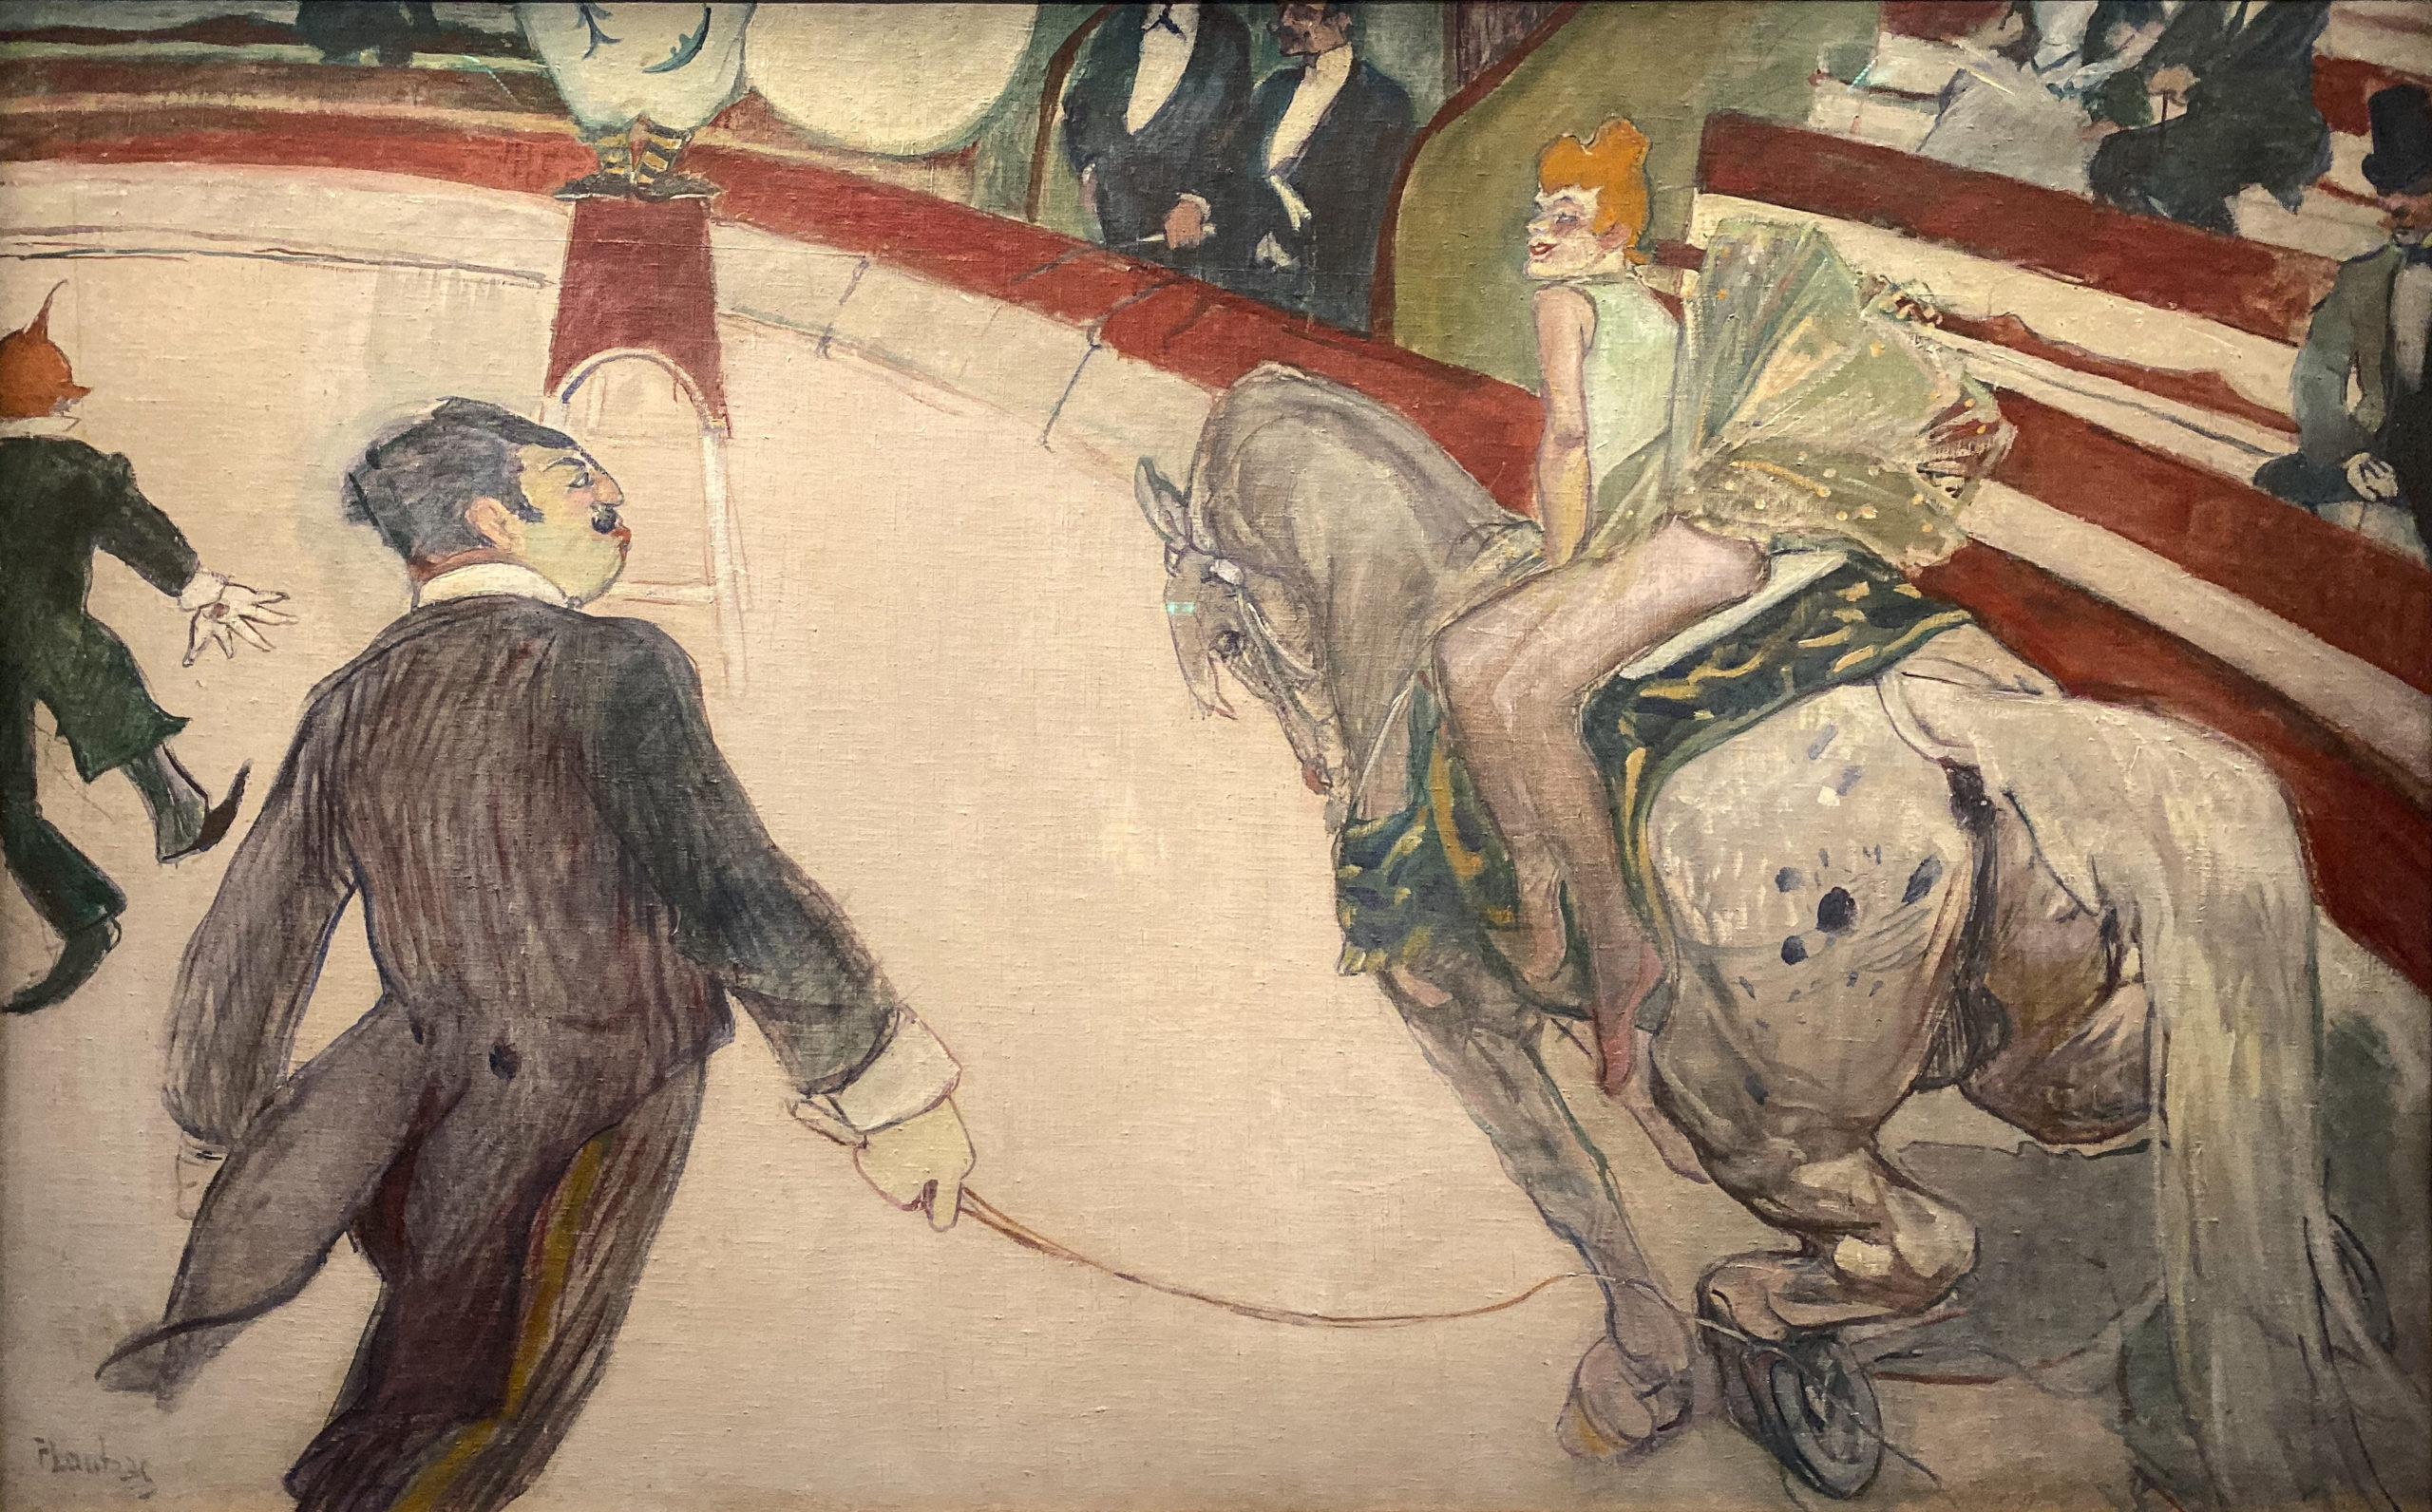 Toulouse-Lautrec im Grand Palais 2019/20 Zirkus Fernando